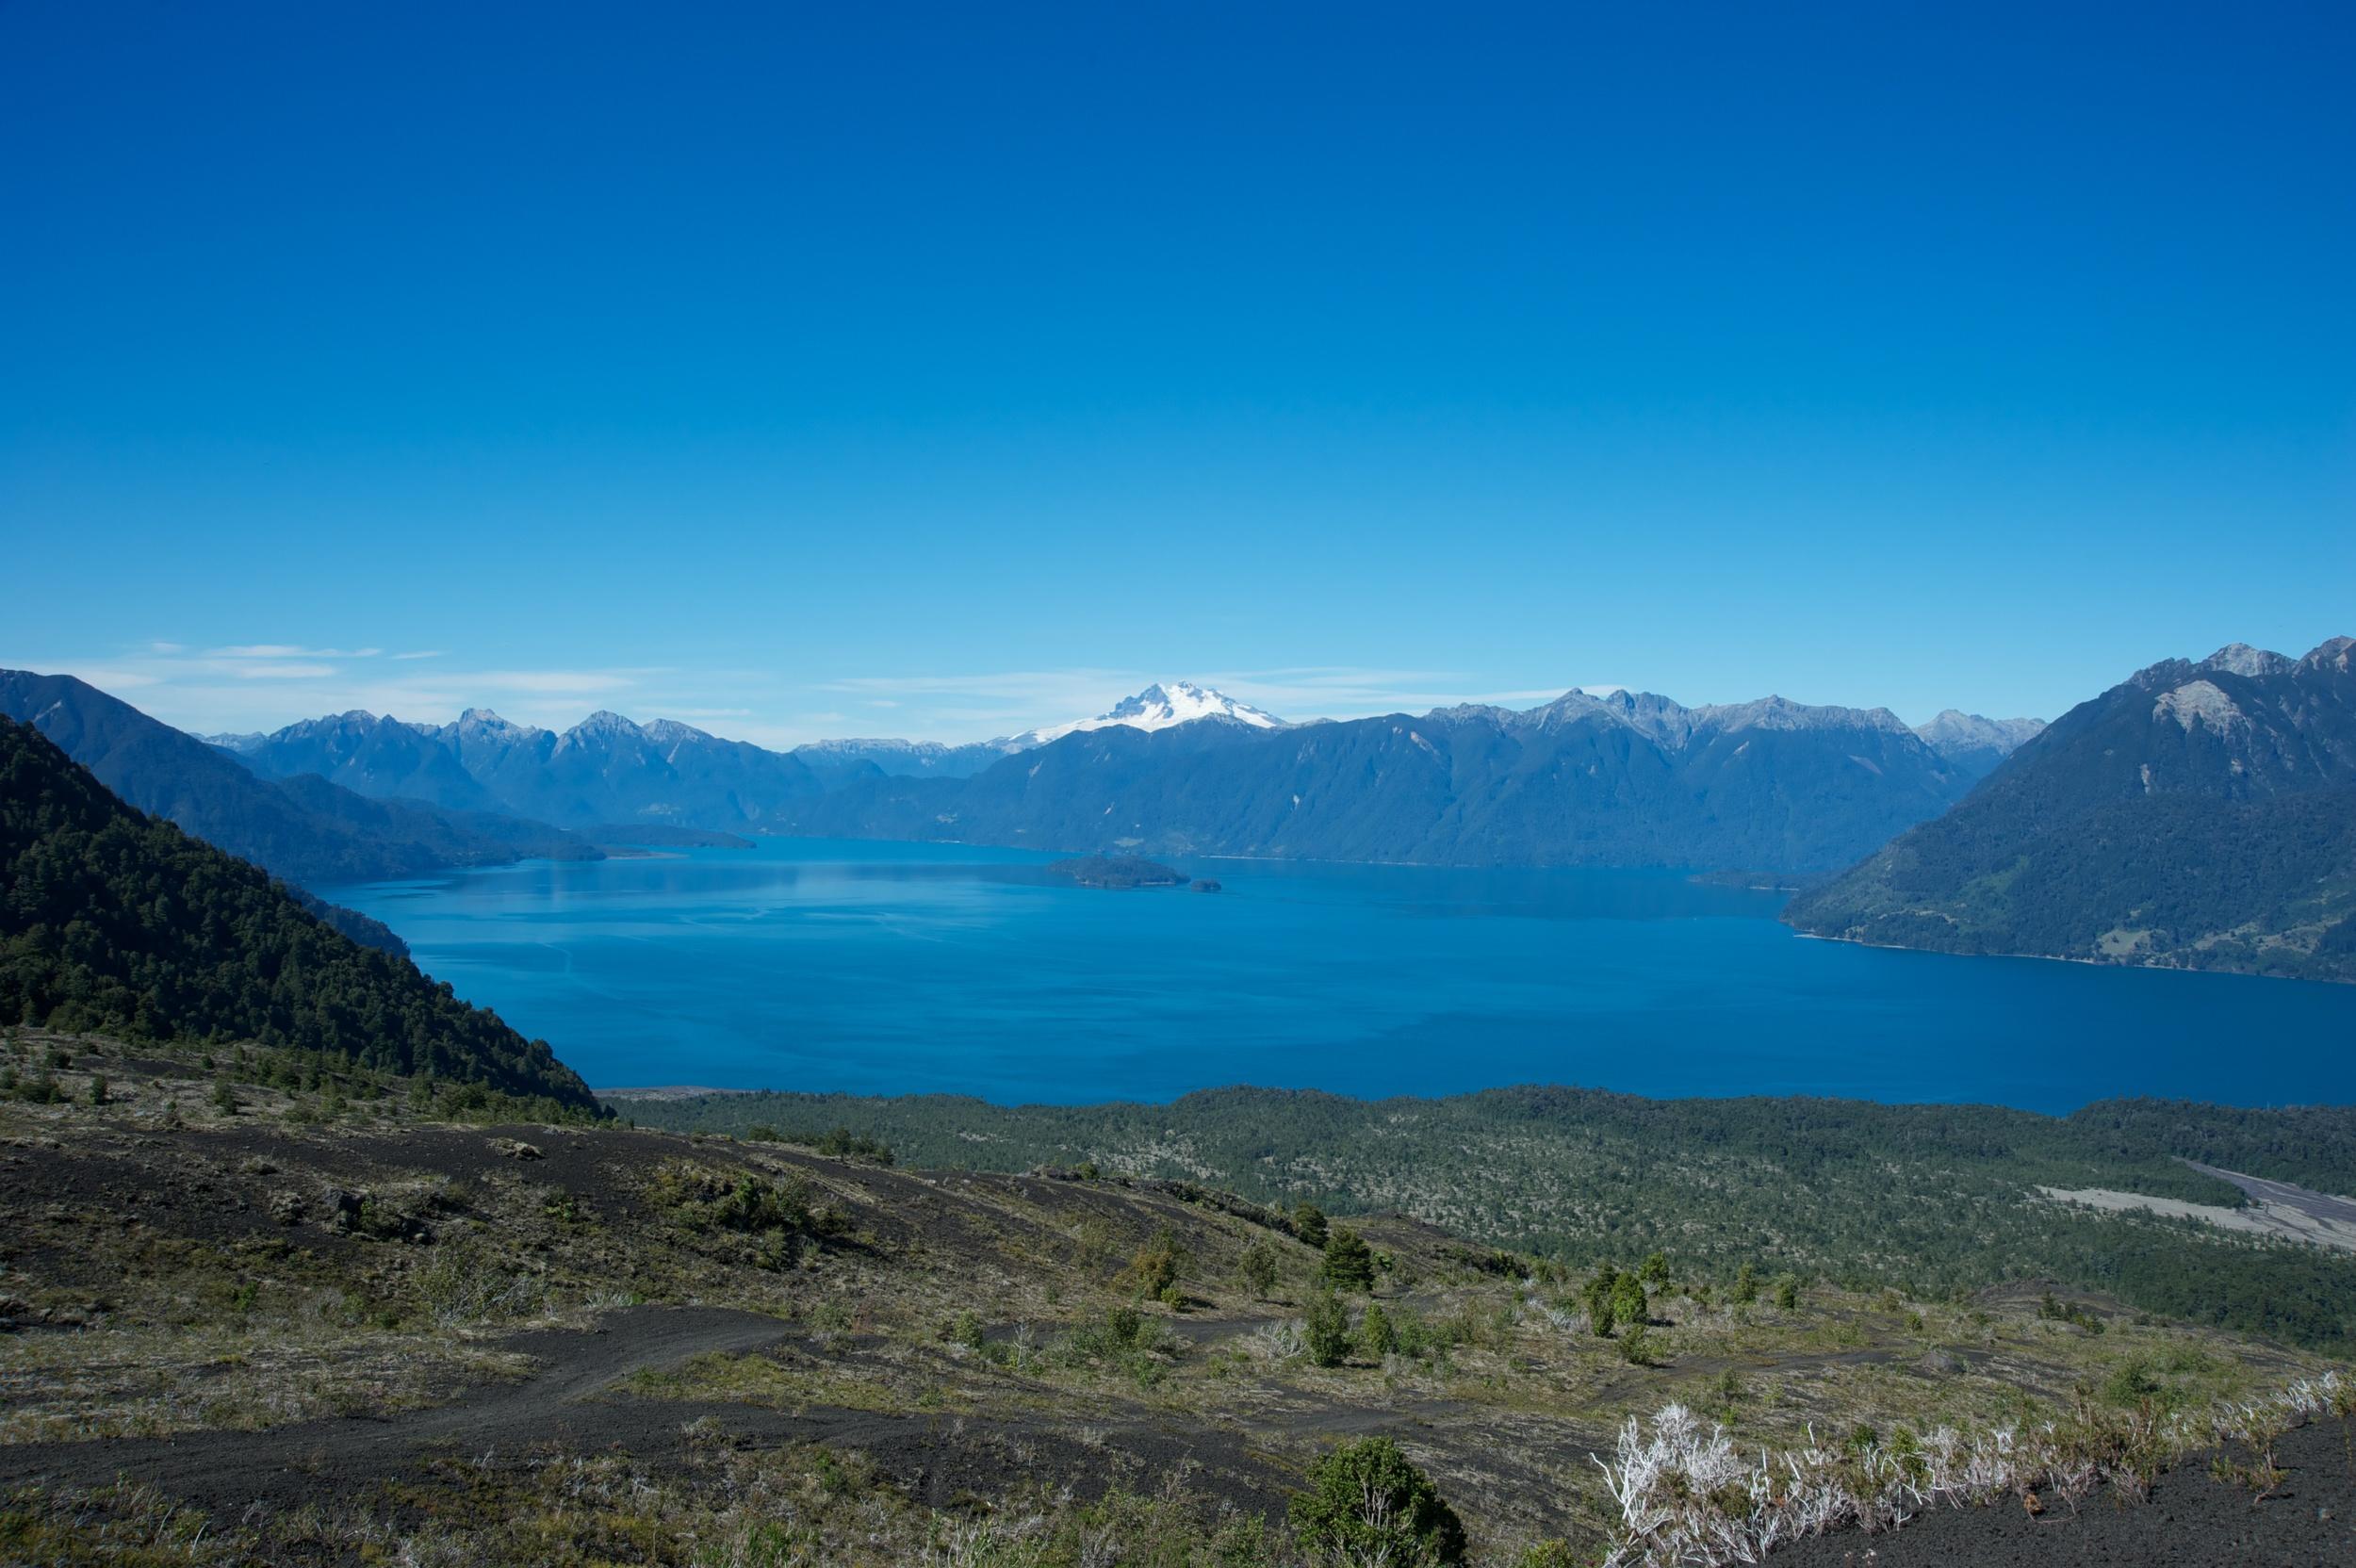 View over Lago Todos los Santos, Lake District, Chile, 28 Mar 2012